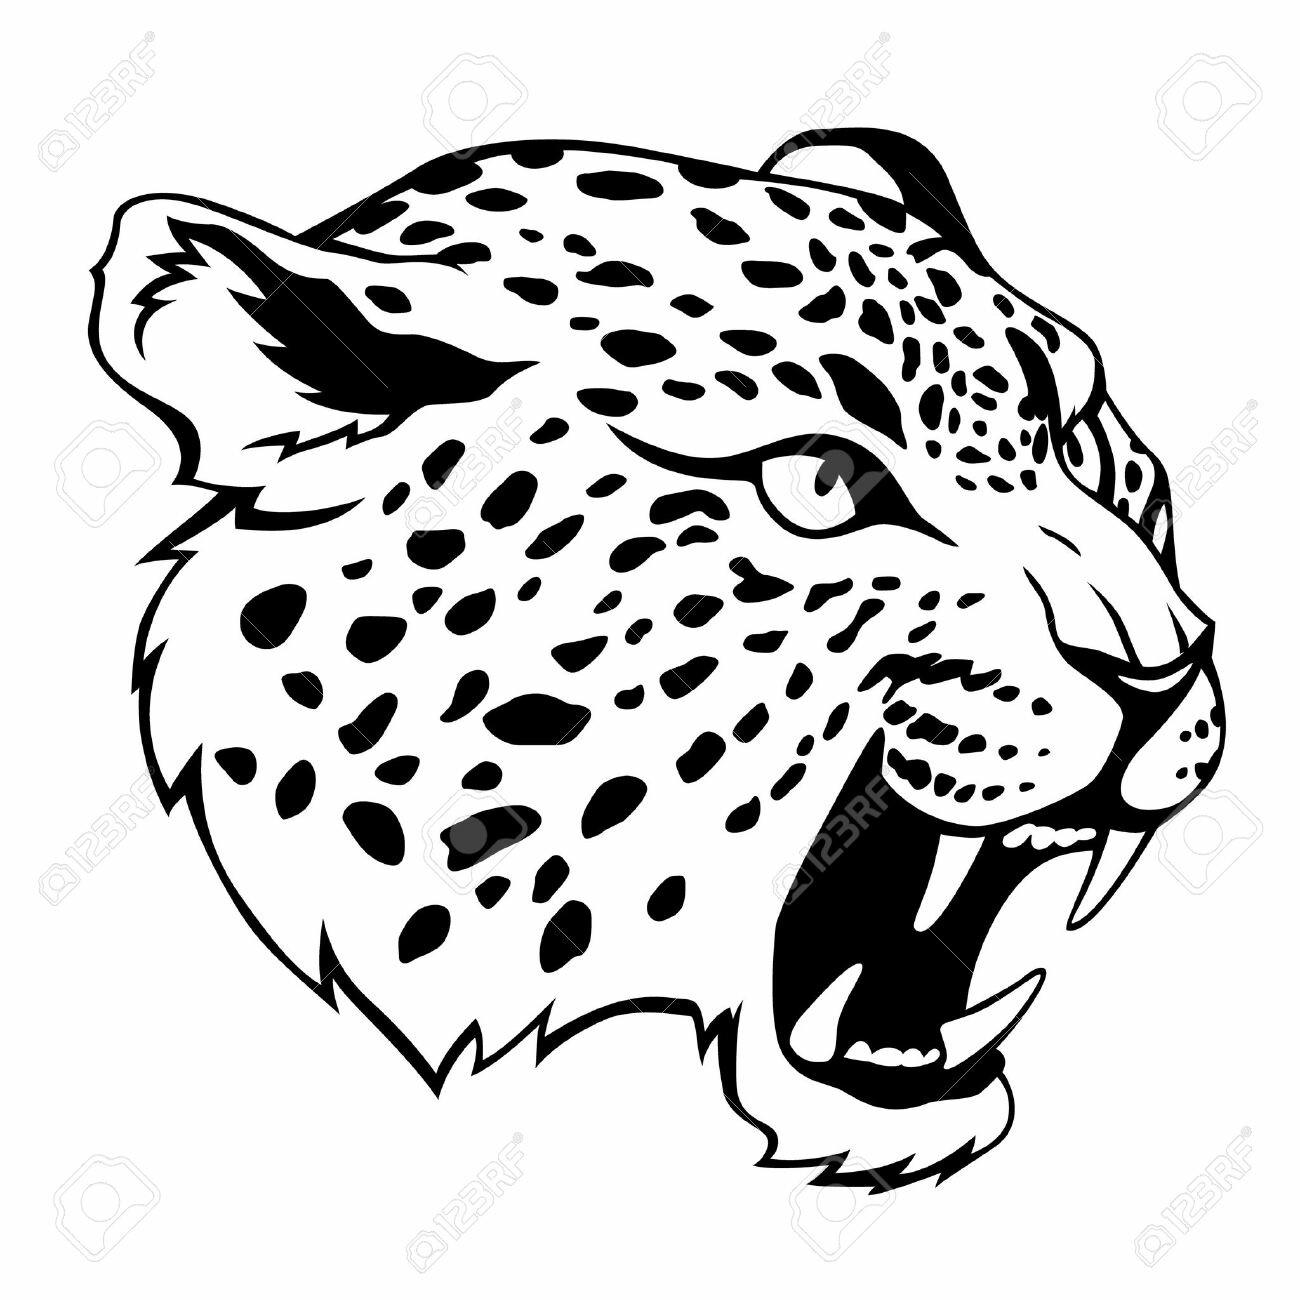 Asombroso Página Para Colorear De Jaguar Negro Viñeta - Enmarcado ...